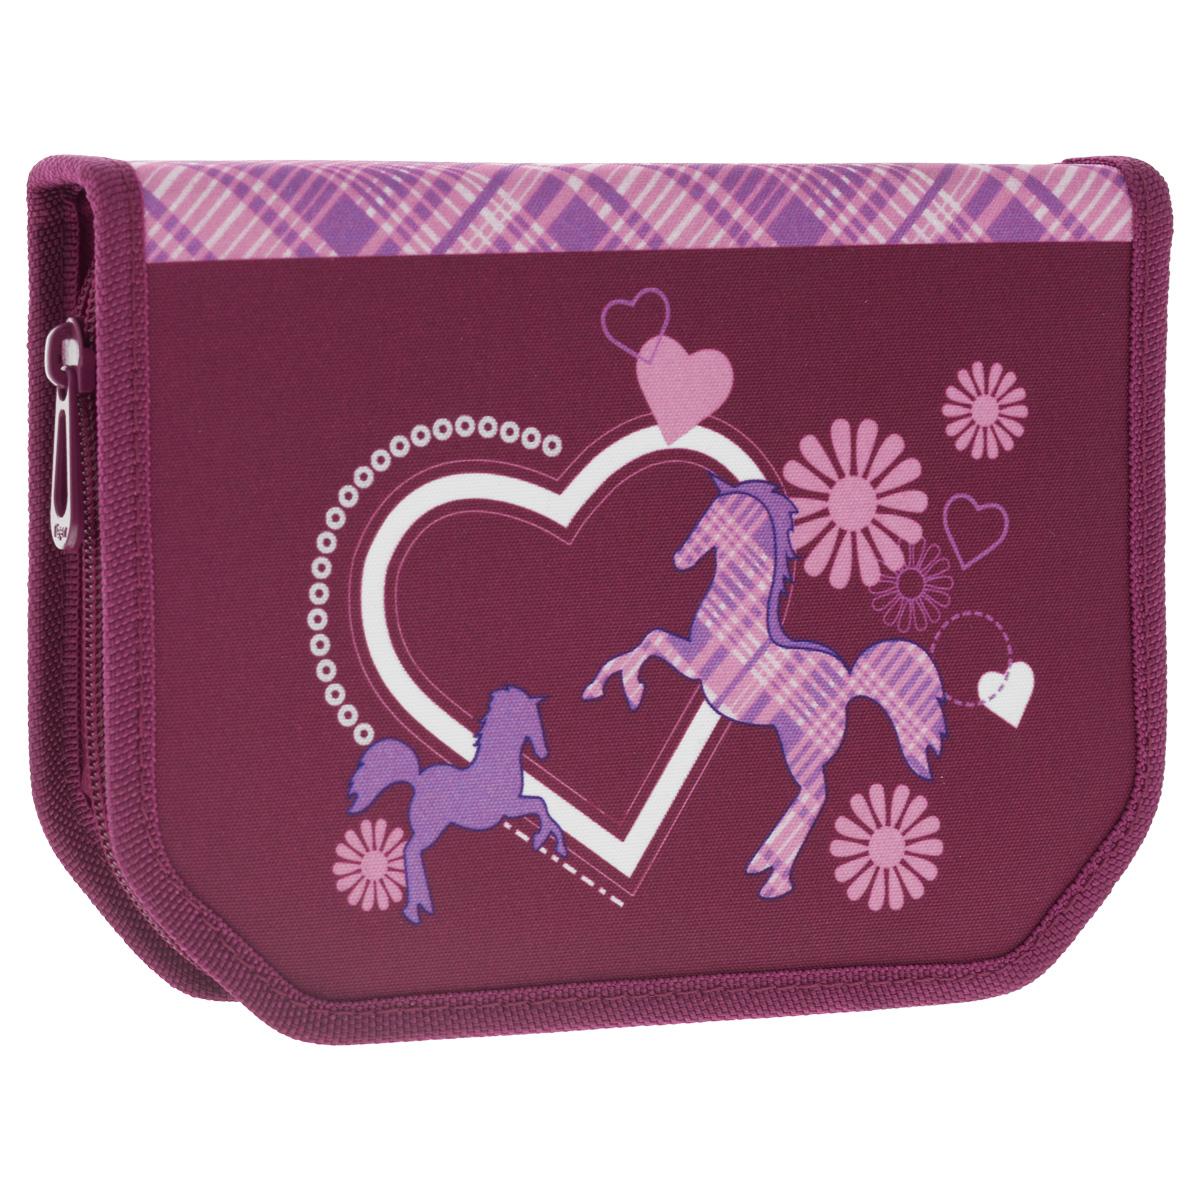 """Пенал Tiger Enterprise """"Classic Collection"""", с наполнением, цвет: фиолетовый, 22 предмета 11017/TG_фиолетовый"""